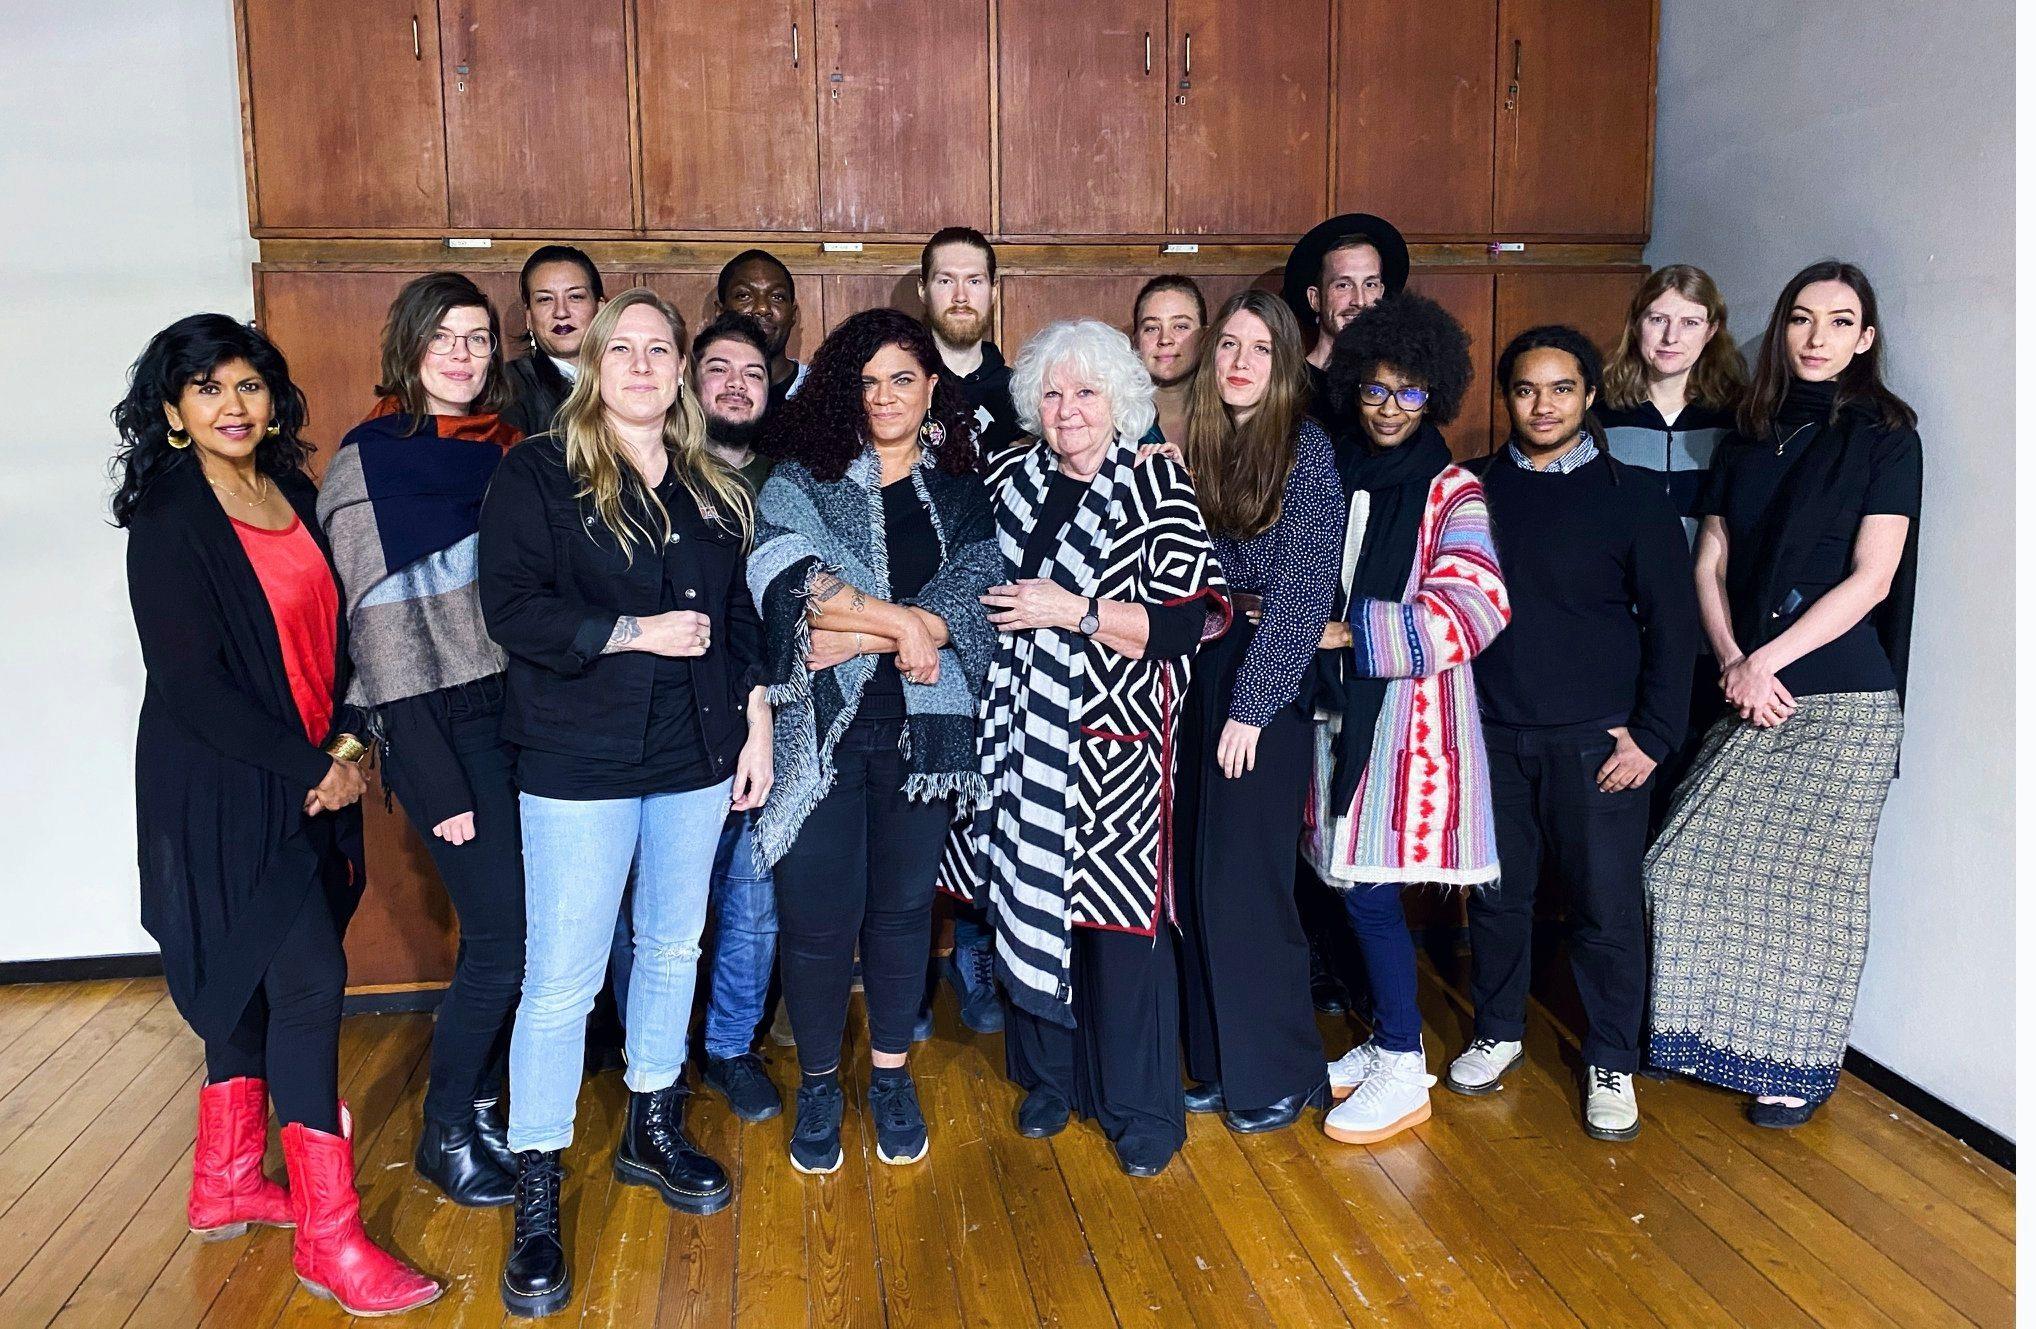 Een groepje BIJ1 leden staan geposeerd voor de camera. Onder andere Anja Meulenbelt, Sandra Salome, Ryan Ramharak, Aynouk Tan en anderen.